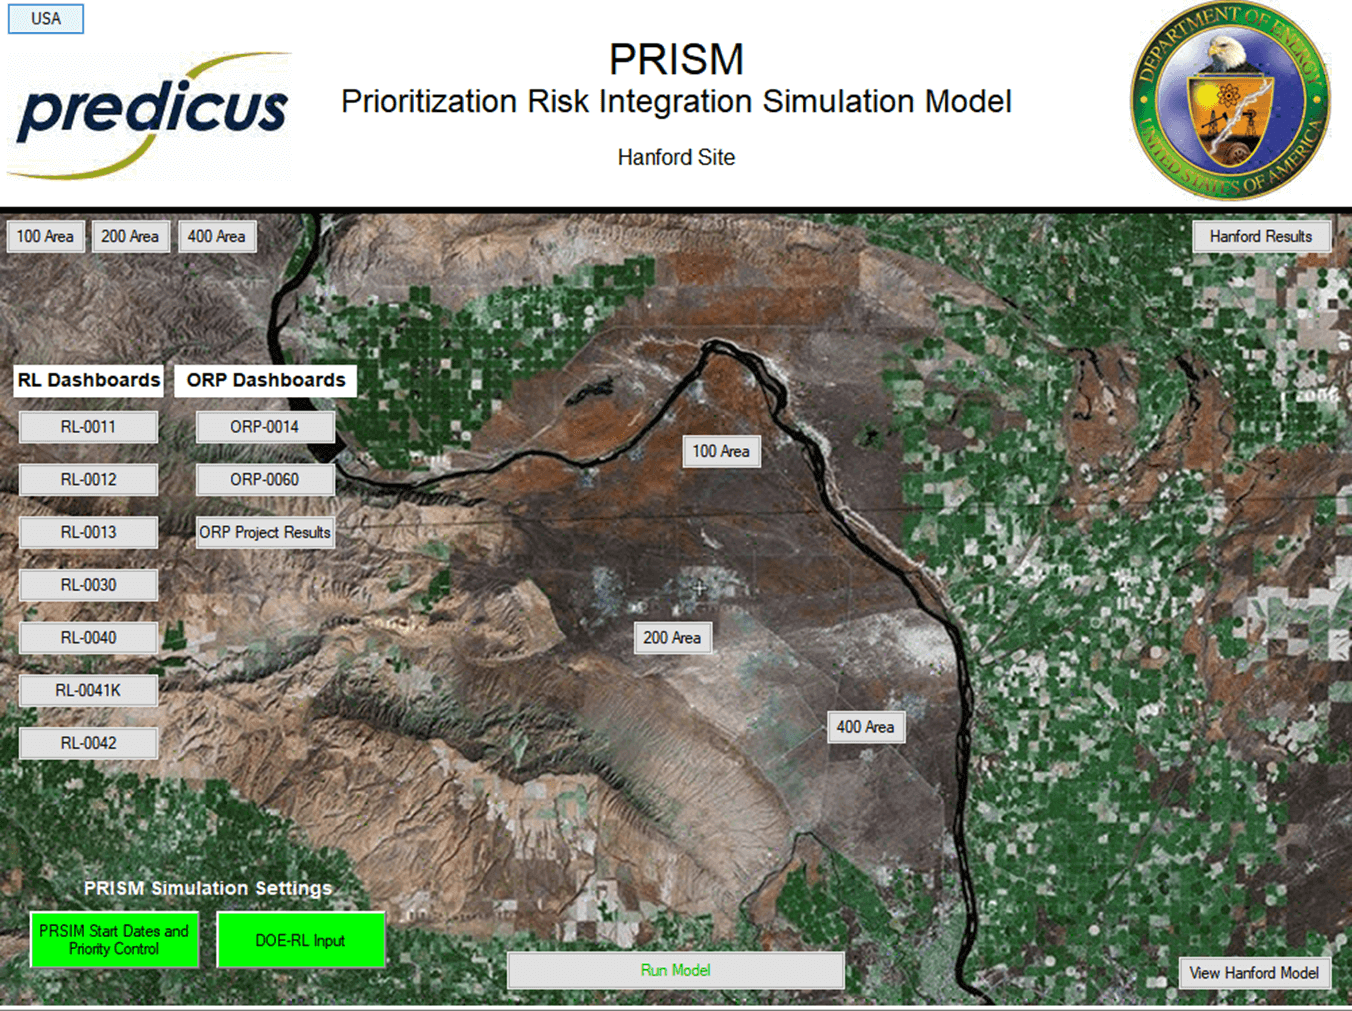 PRISM Model